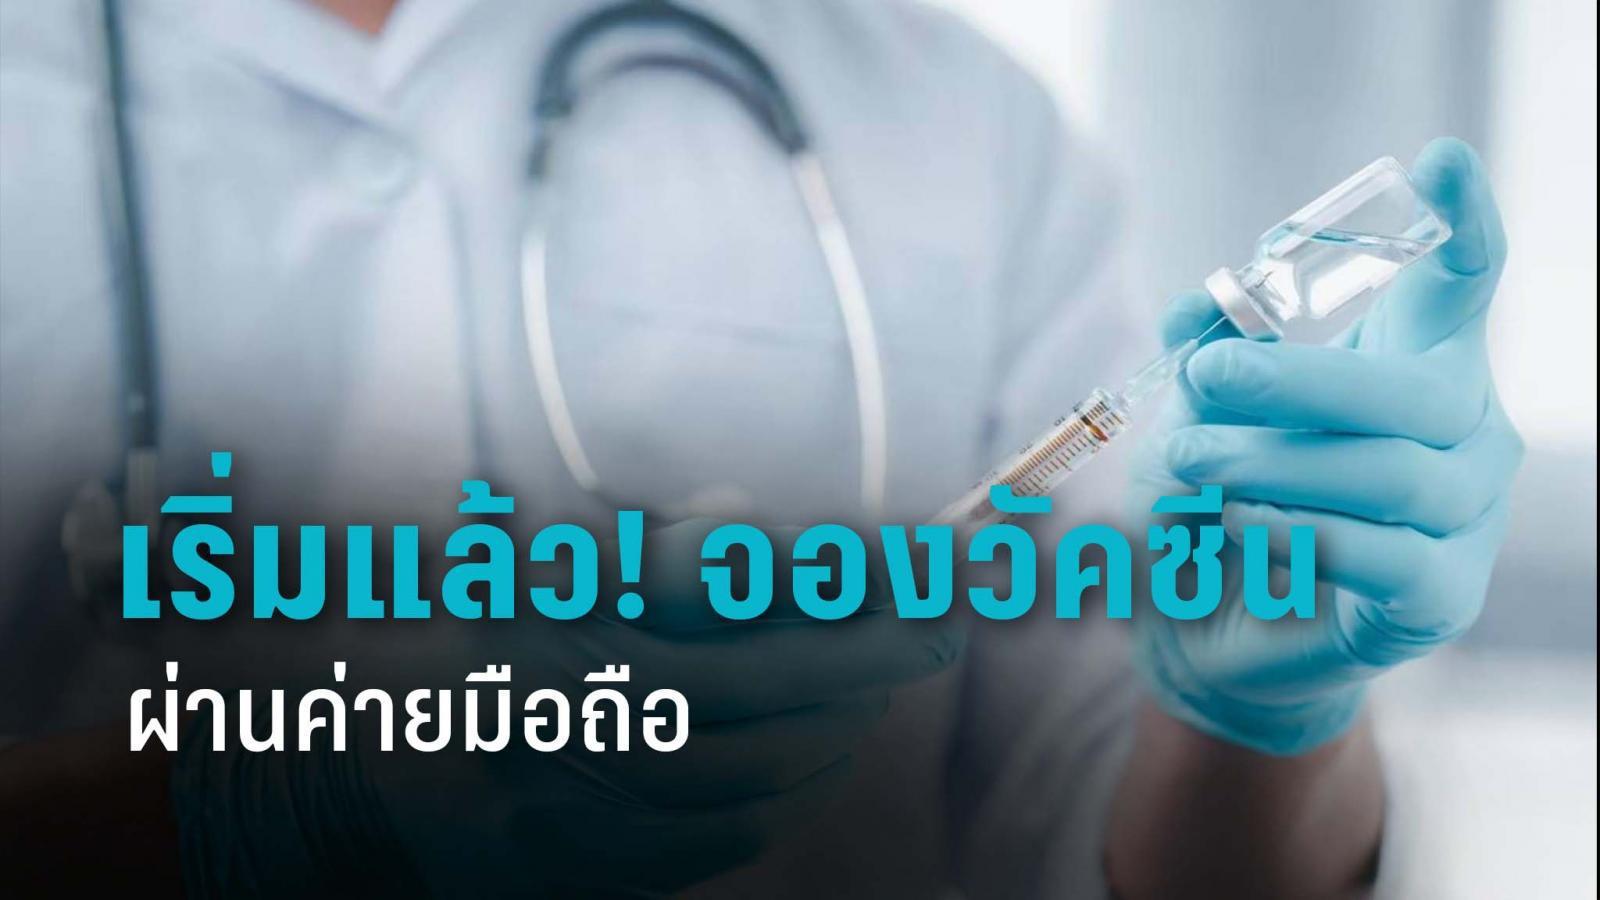 เข้าลงทะเบียนฉีดวัคซีนโควิด จองคิวผ่านมือถือ 3 ค่าย ดีเดย์ 9 โมง วันนี้ 27พ.ค.